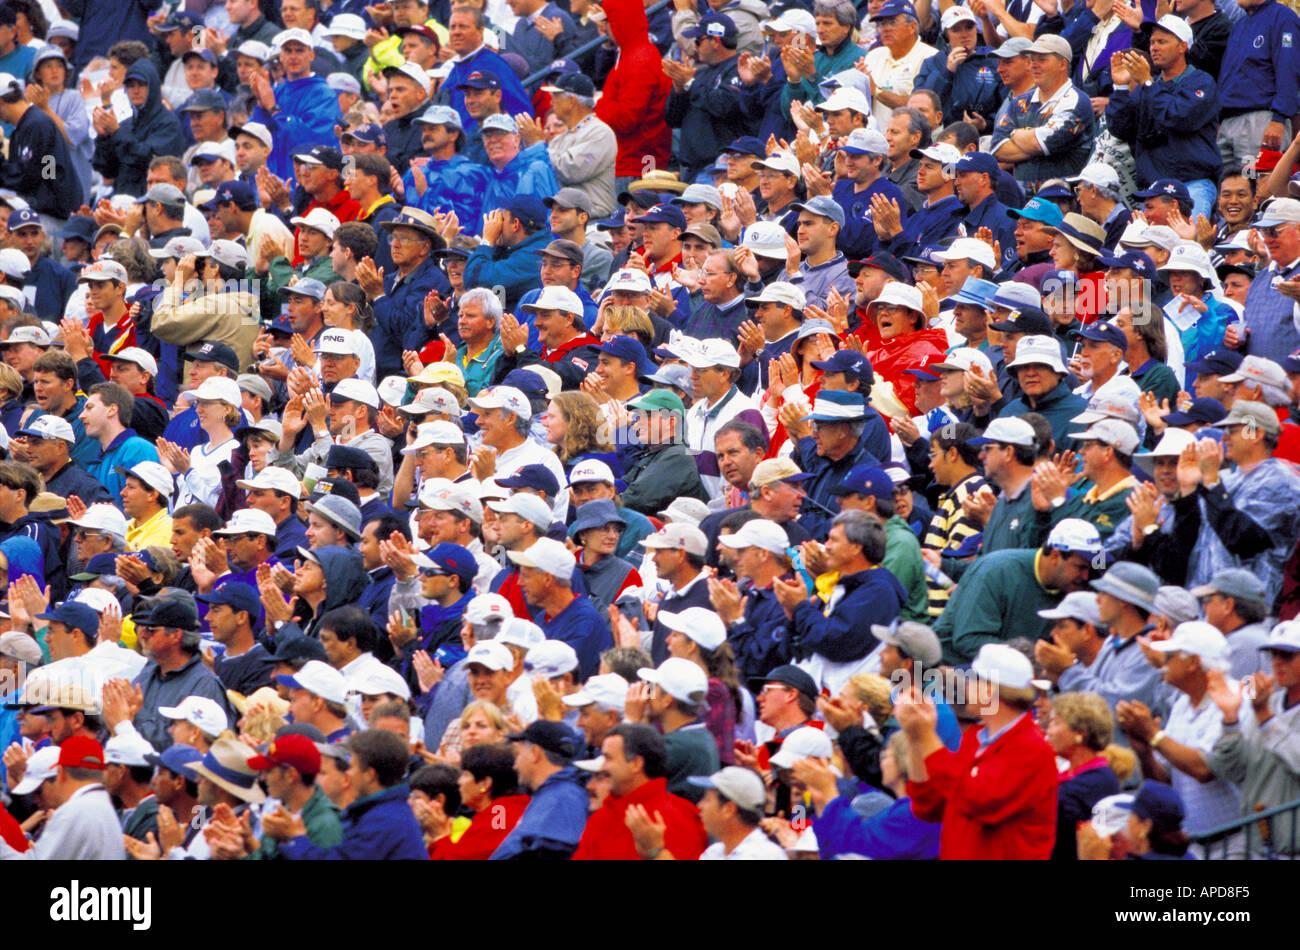 El deporte de espectadores Foto de stock